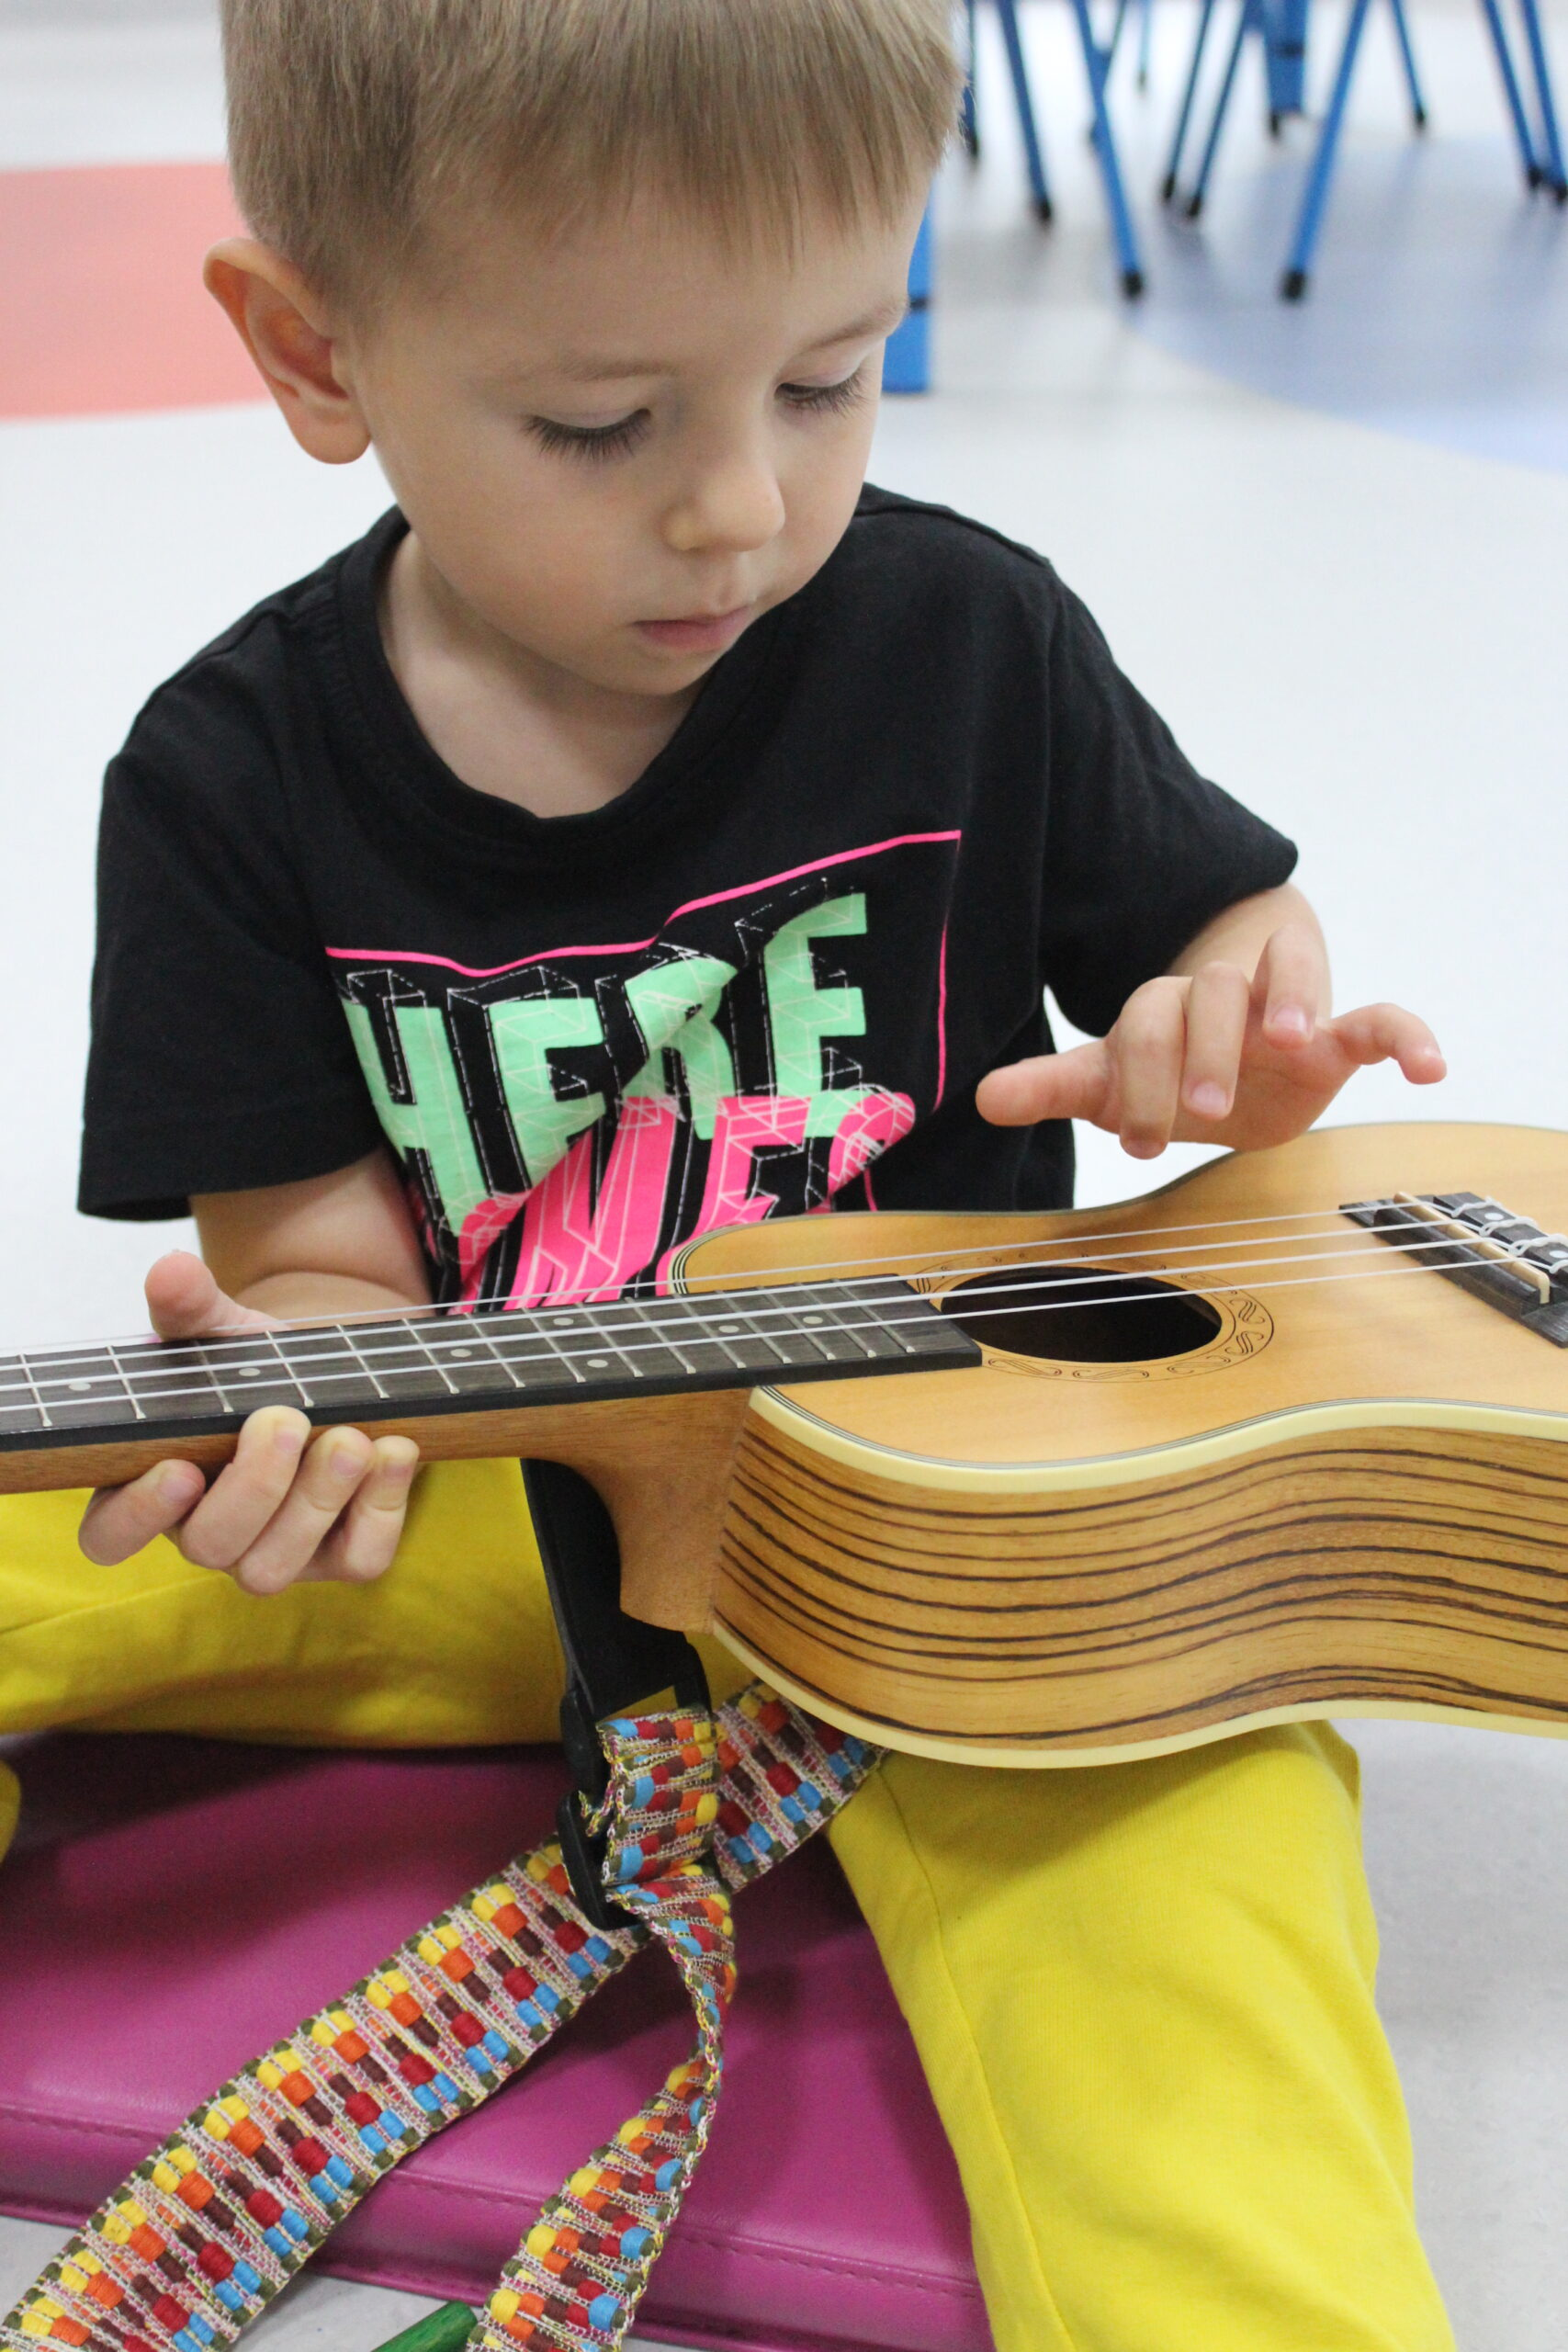 Zdjecie przedstawiające dziecko grające na ukulele